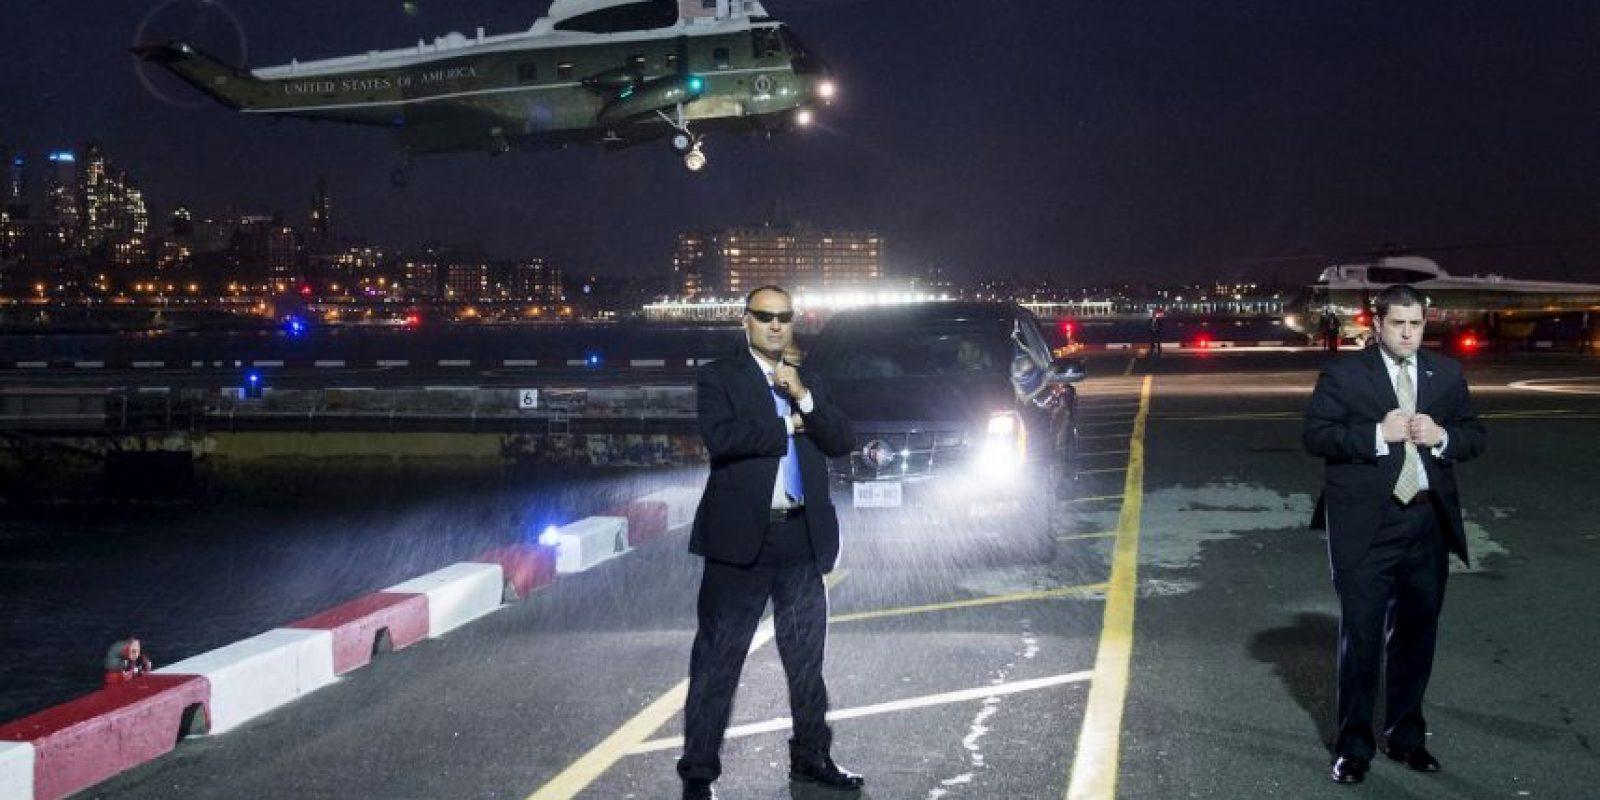 Servicio Secreto espera que el presidente de Estados Unidos, Barack Obama llegue a Nueva York. Foto:AFP